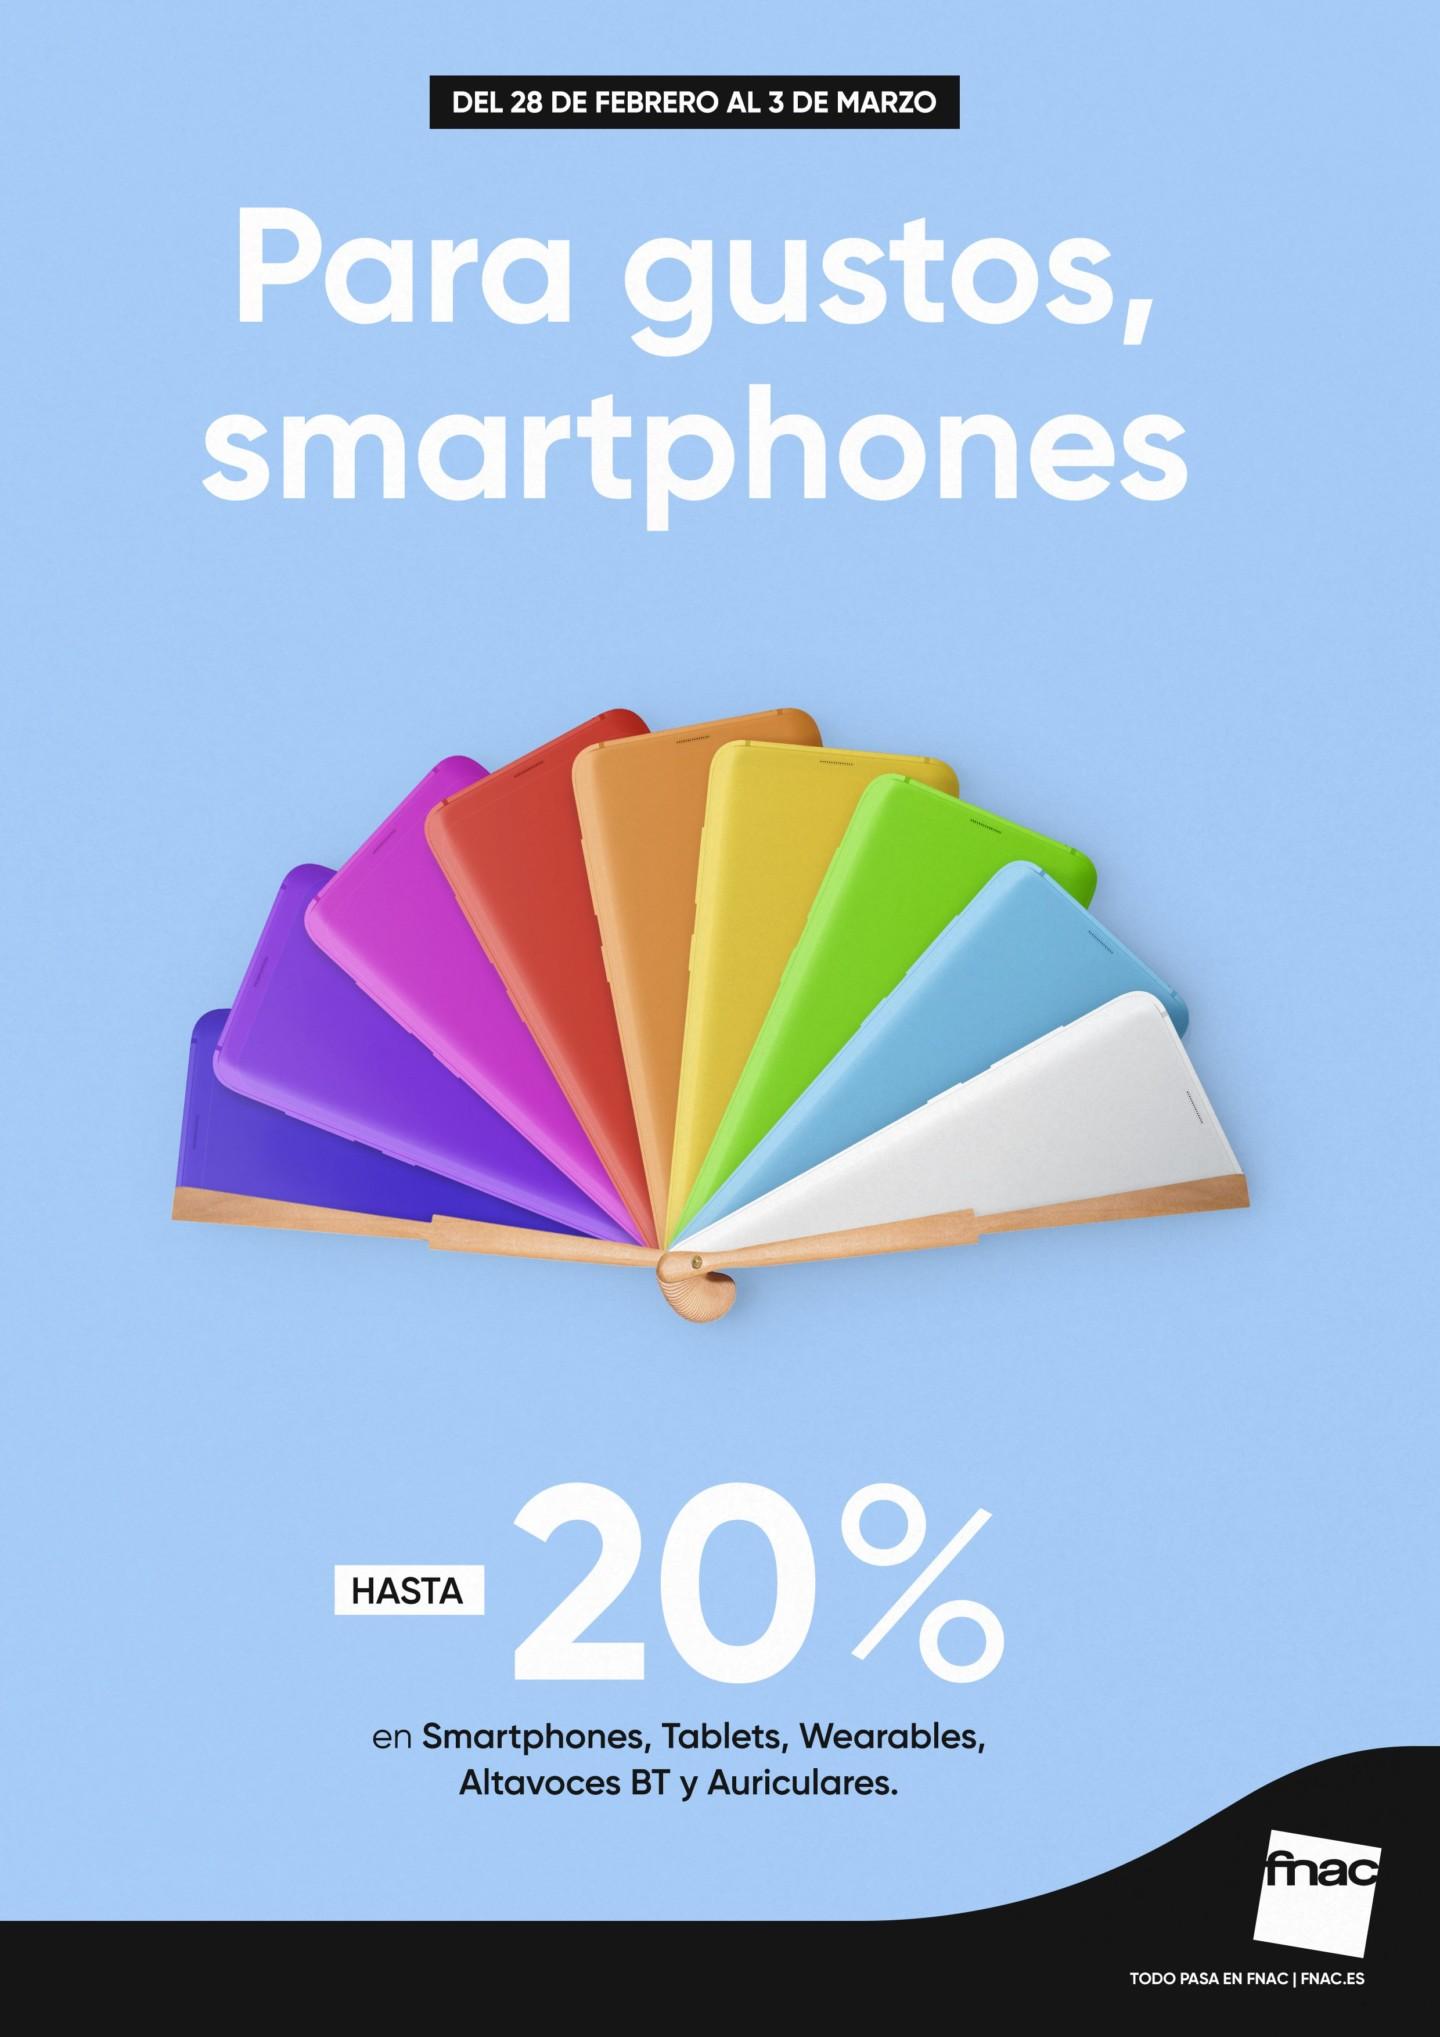 Publicidad Fnac de descuentos de smartphones